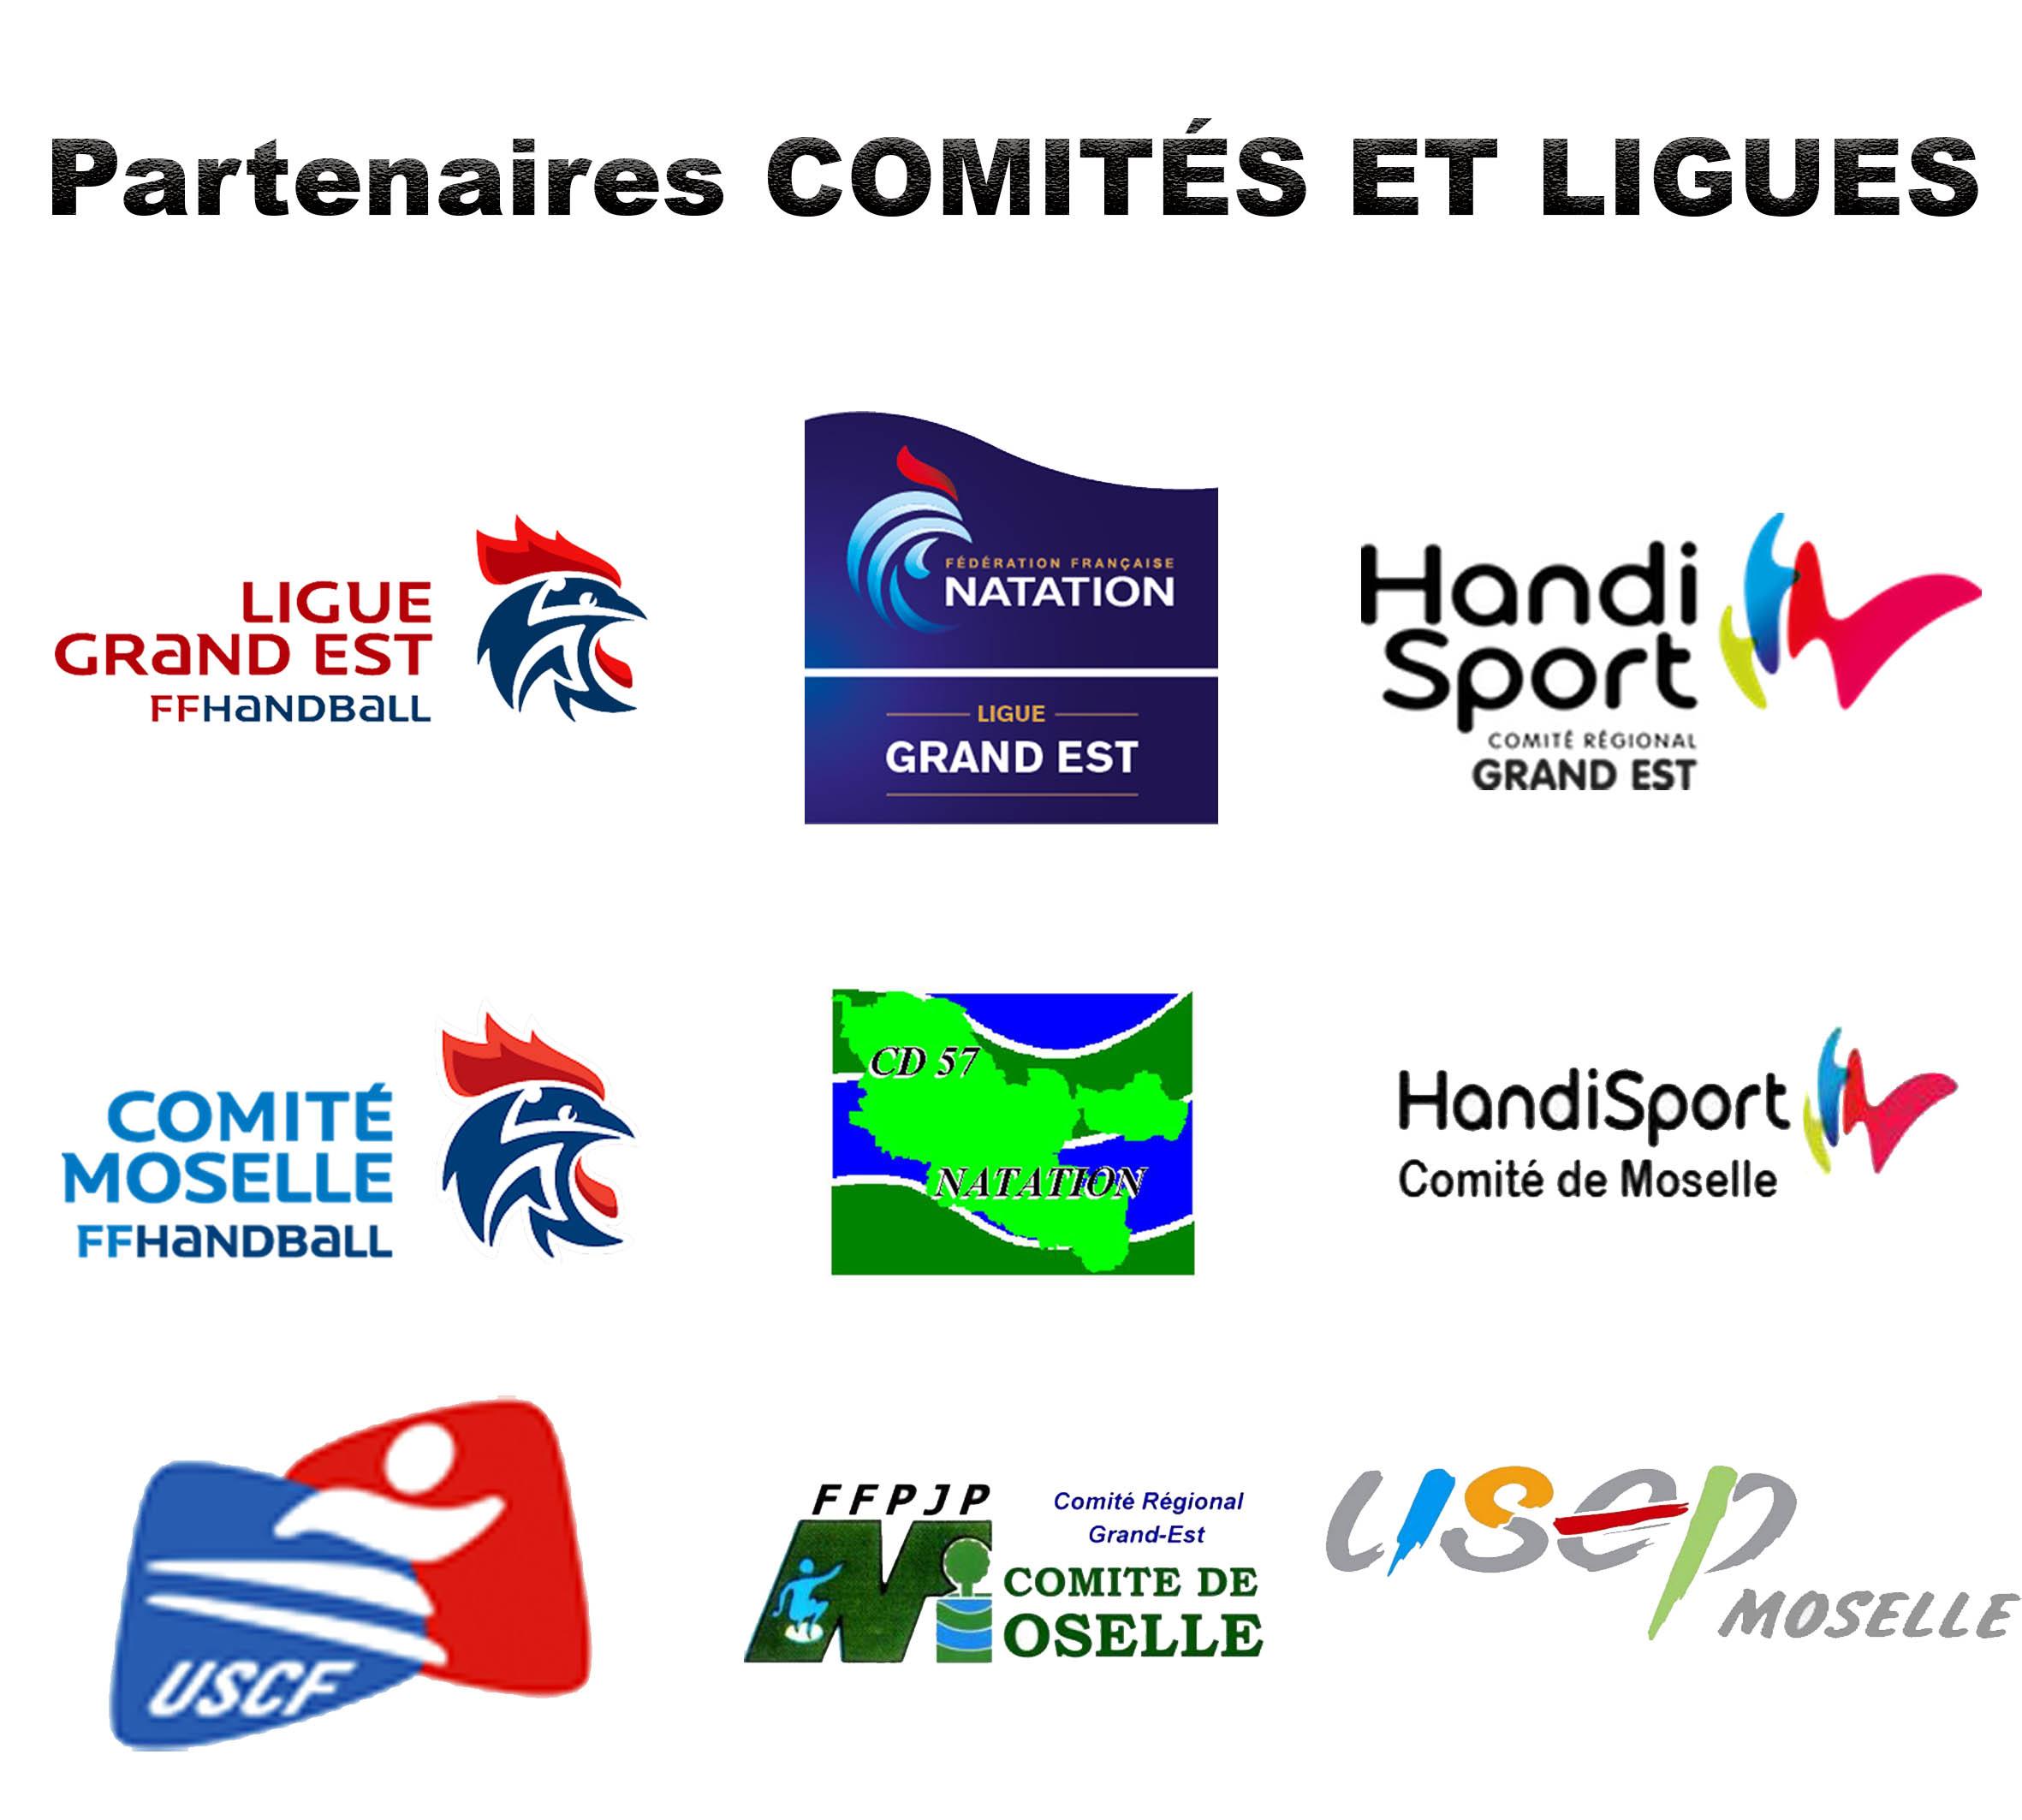 Partenaires comités et ligues